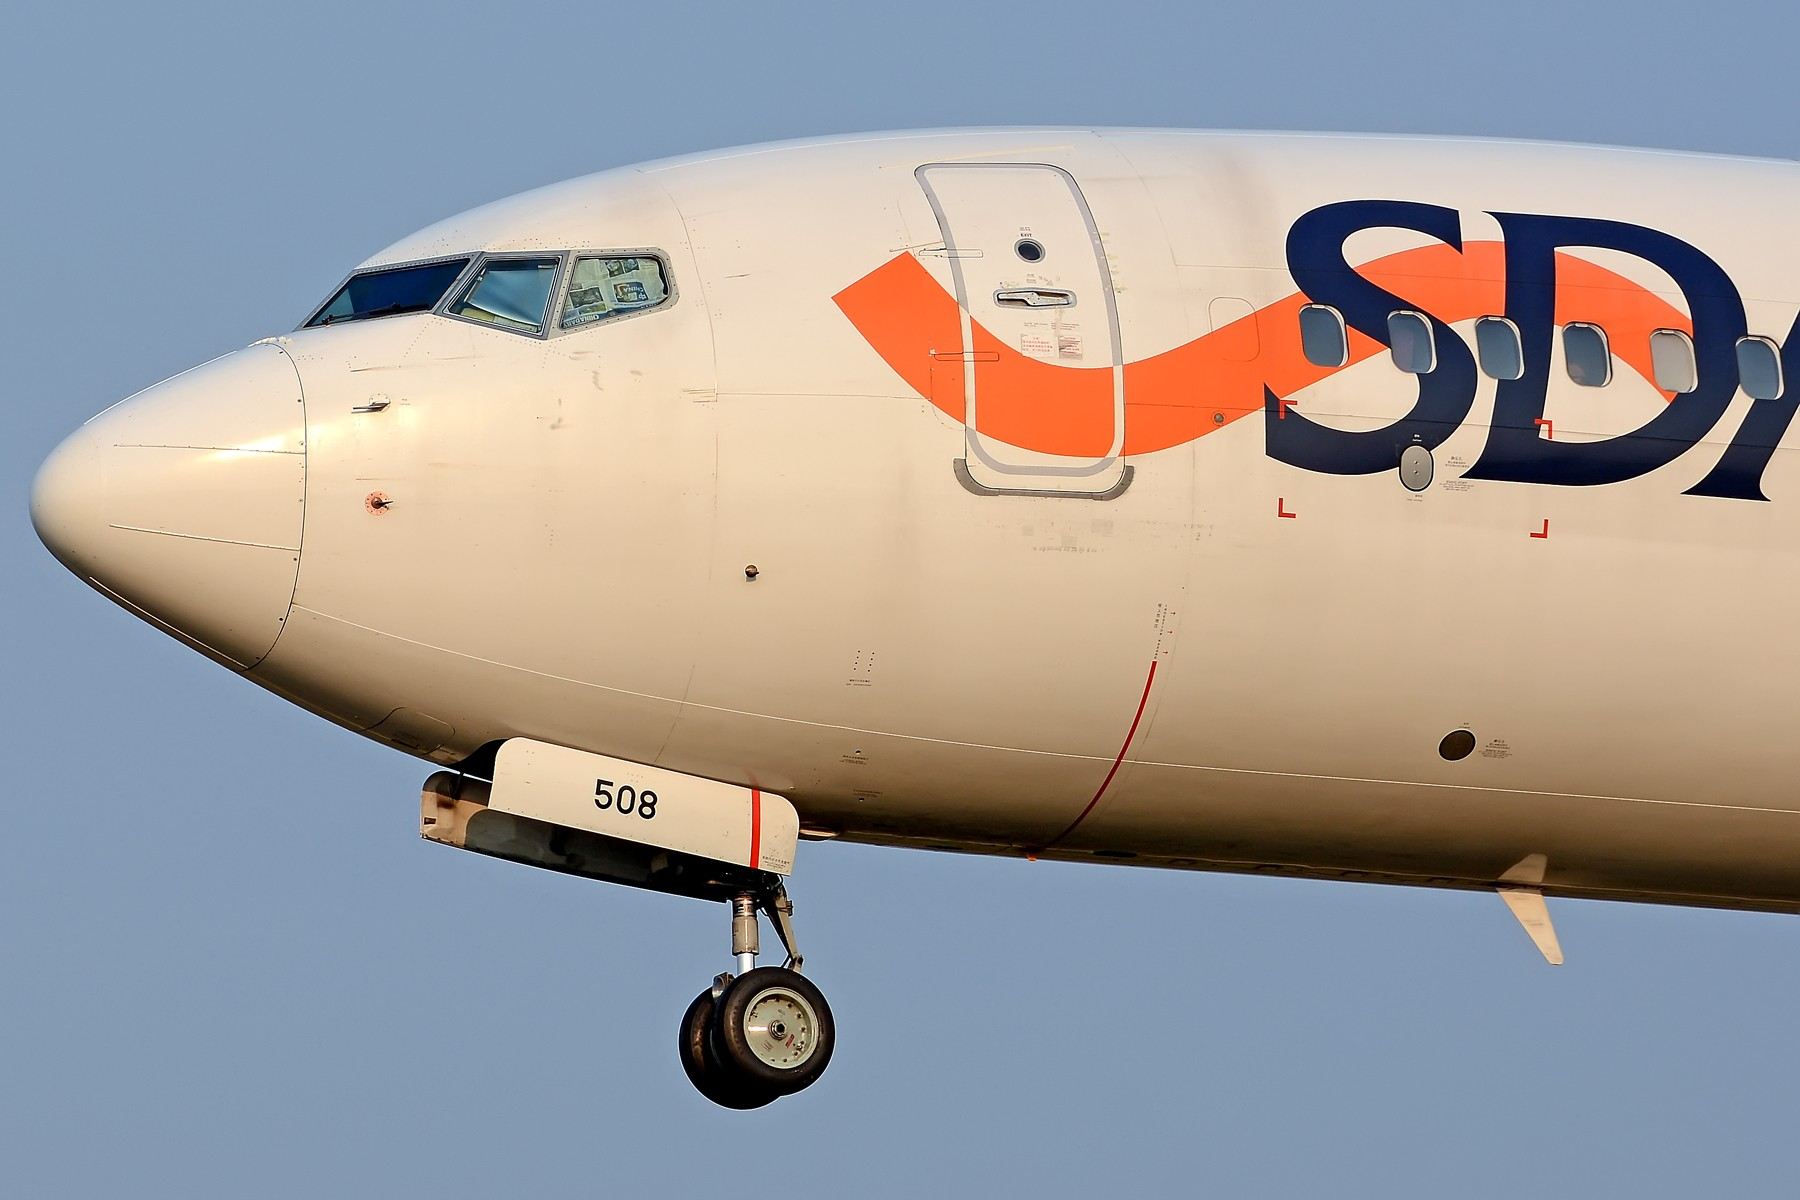 Re:[原创]【多图党】试镜200-500大头比较多 BOEING 737-800 B-1508 中国合肥新桥国际机场